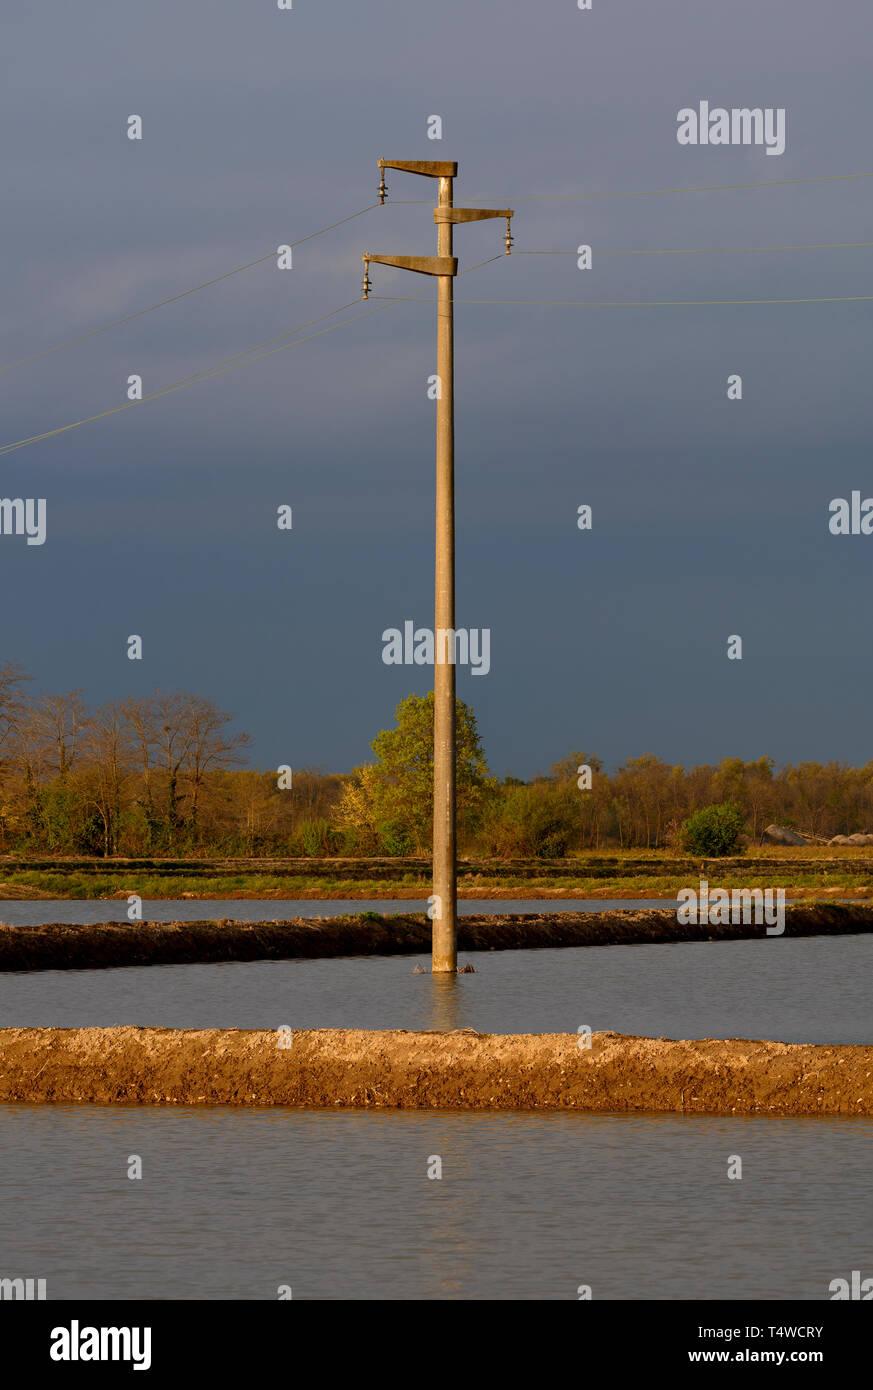 Pôle électricité immergé dans l'eau d'un champ de riz Photo Stock